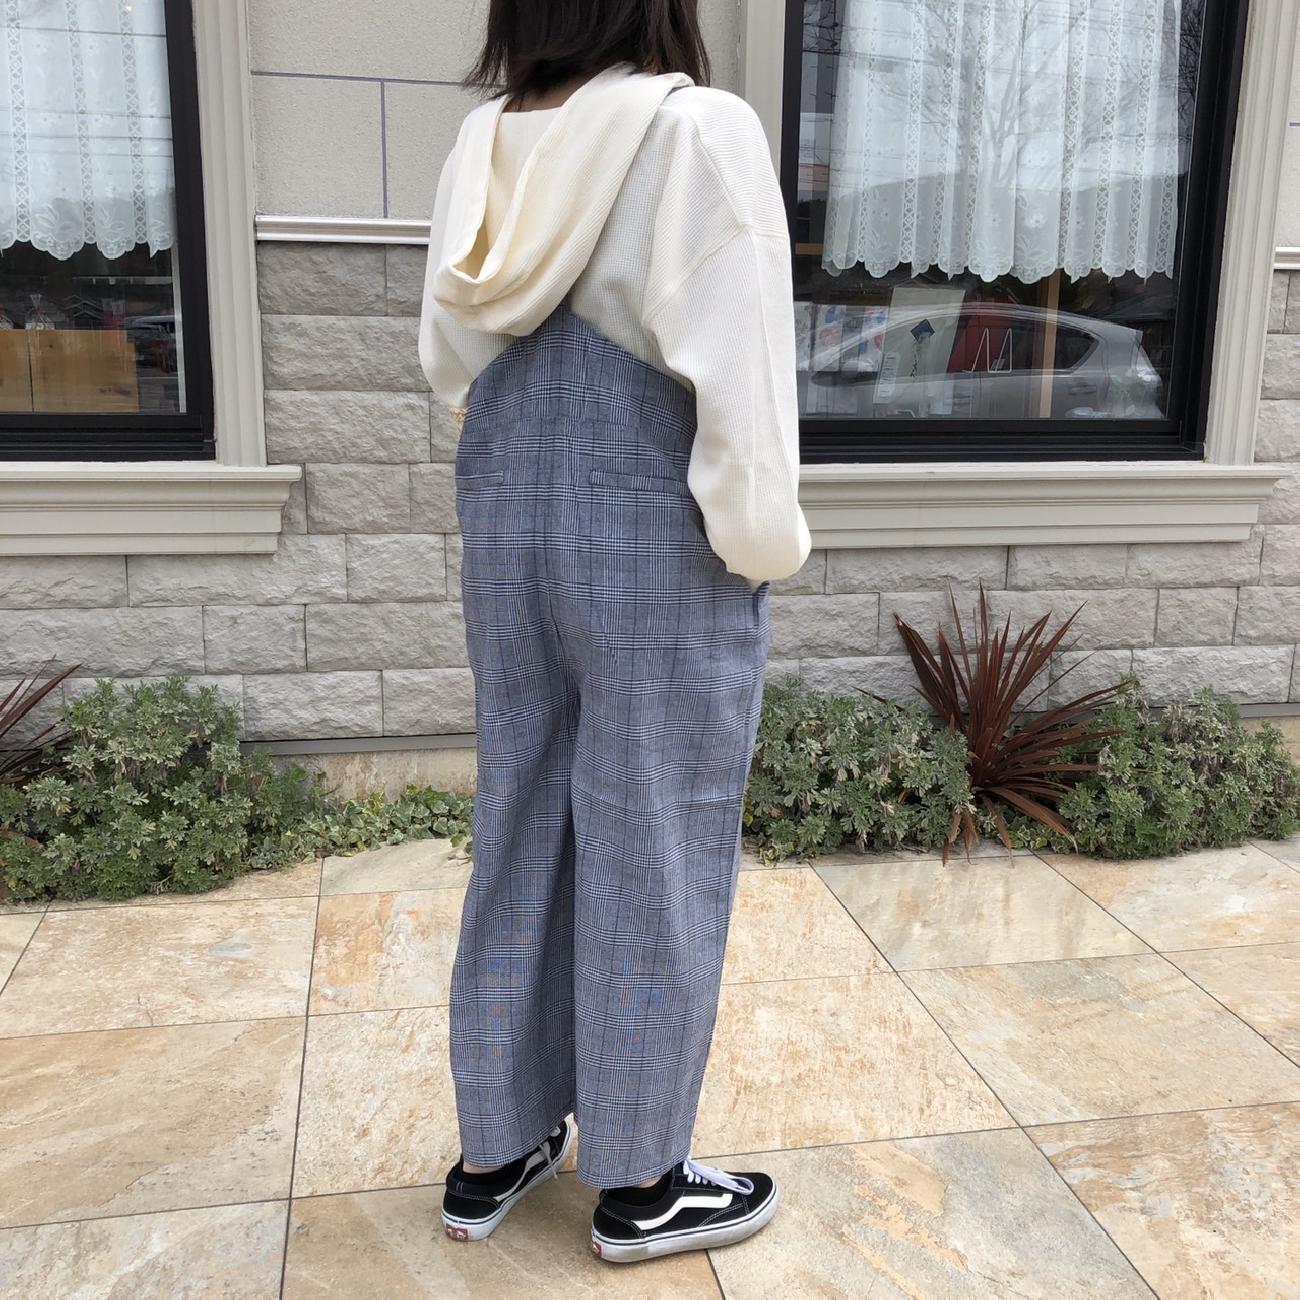 サロペット/コーデ/コーディネート/春/春コーデ/お出かけ/ファッション/服